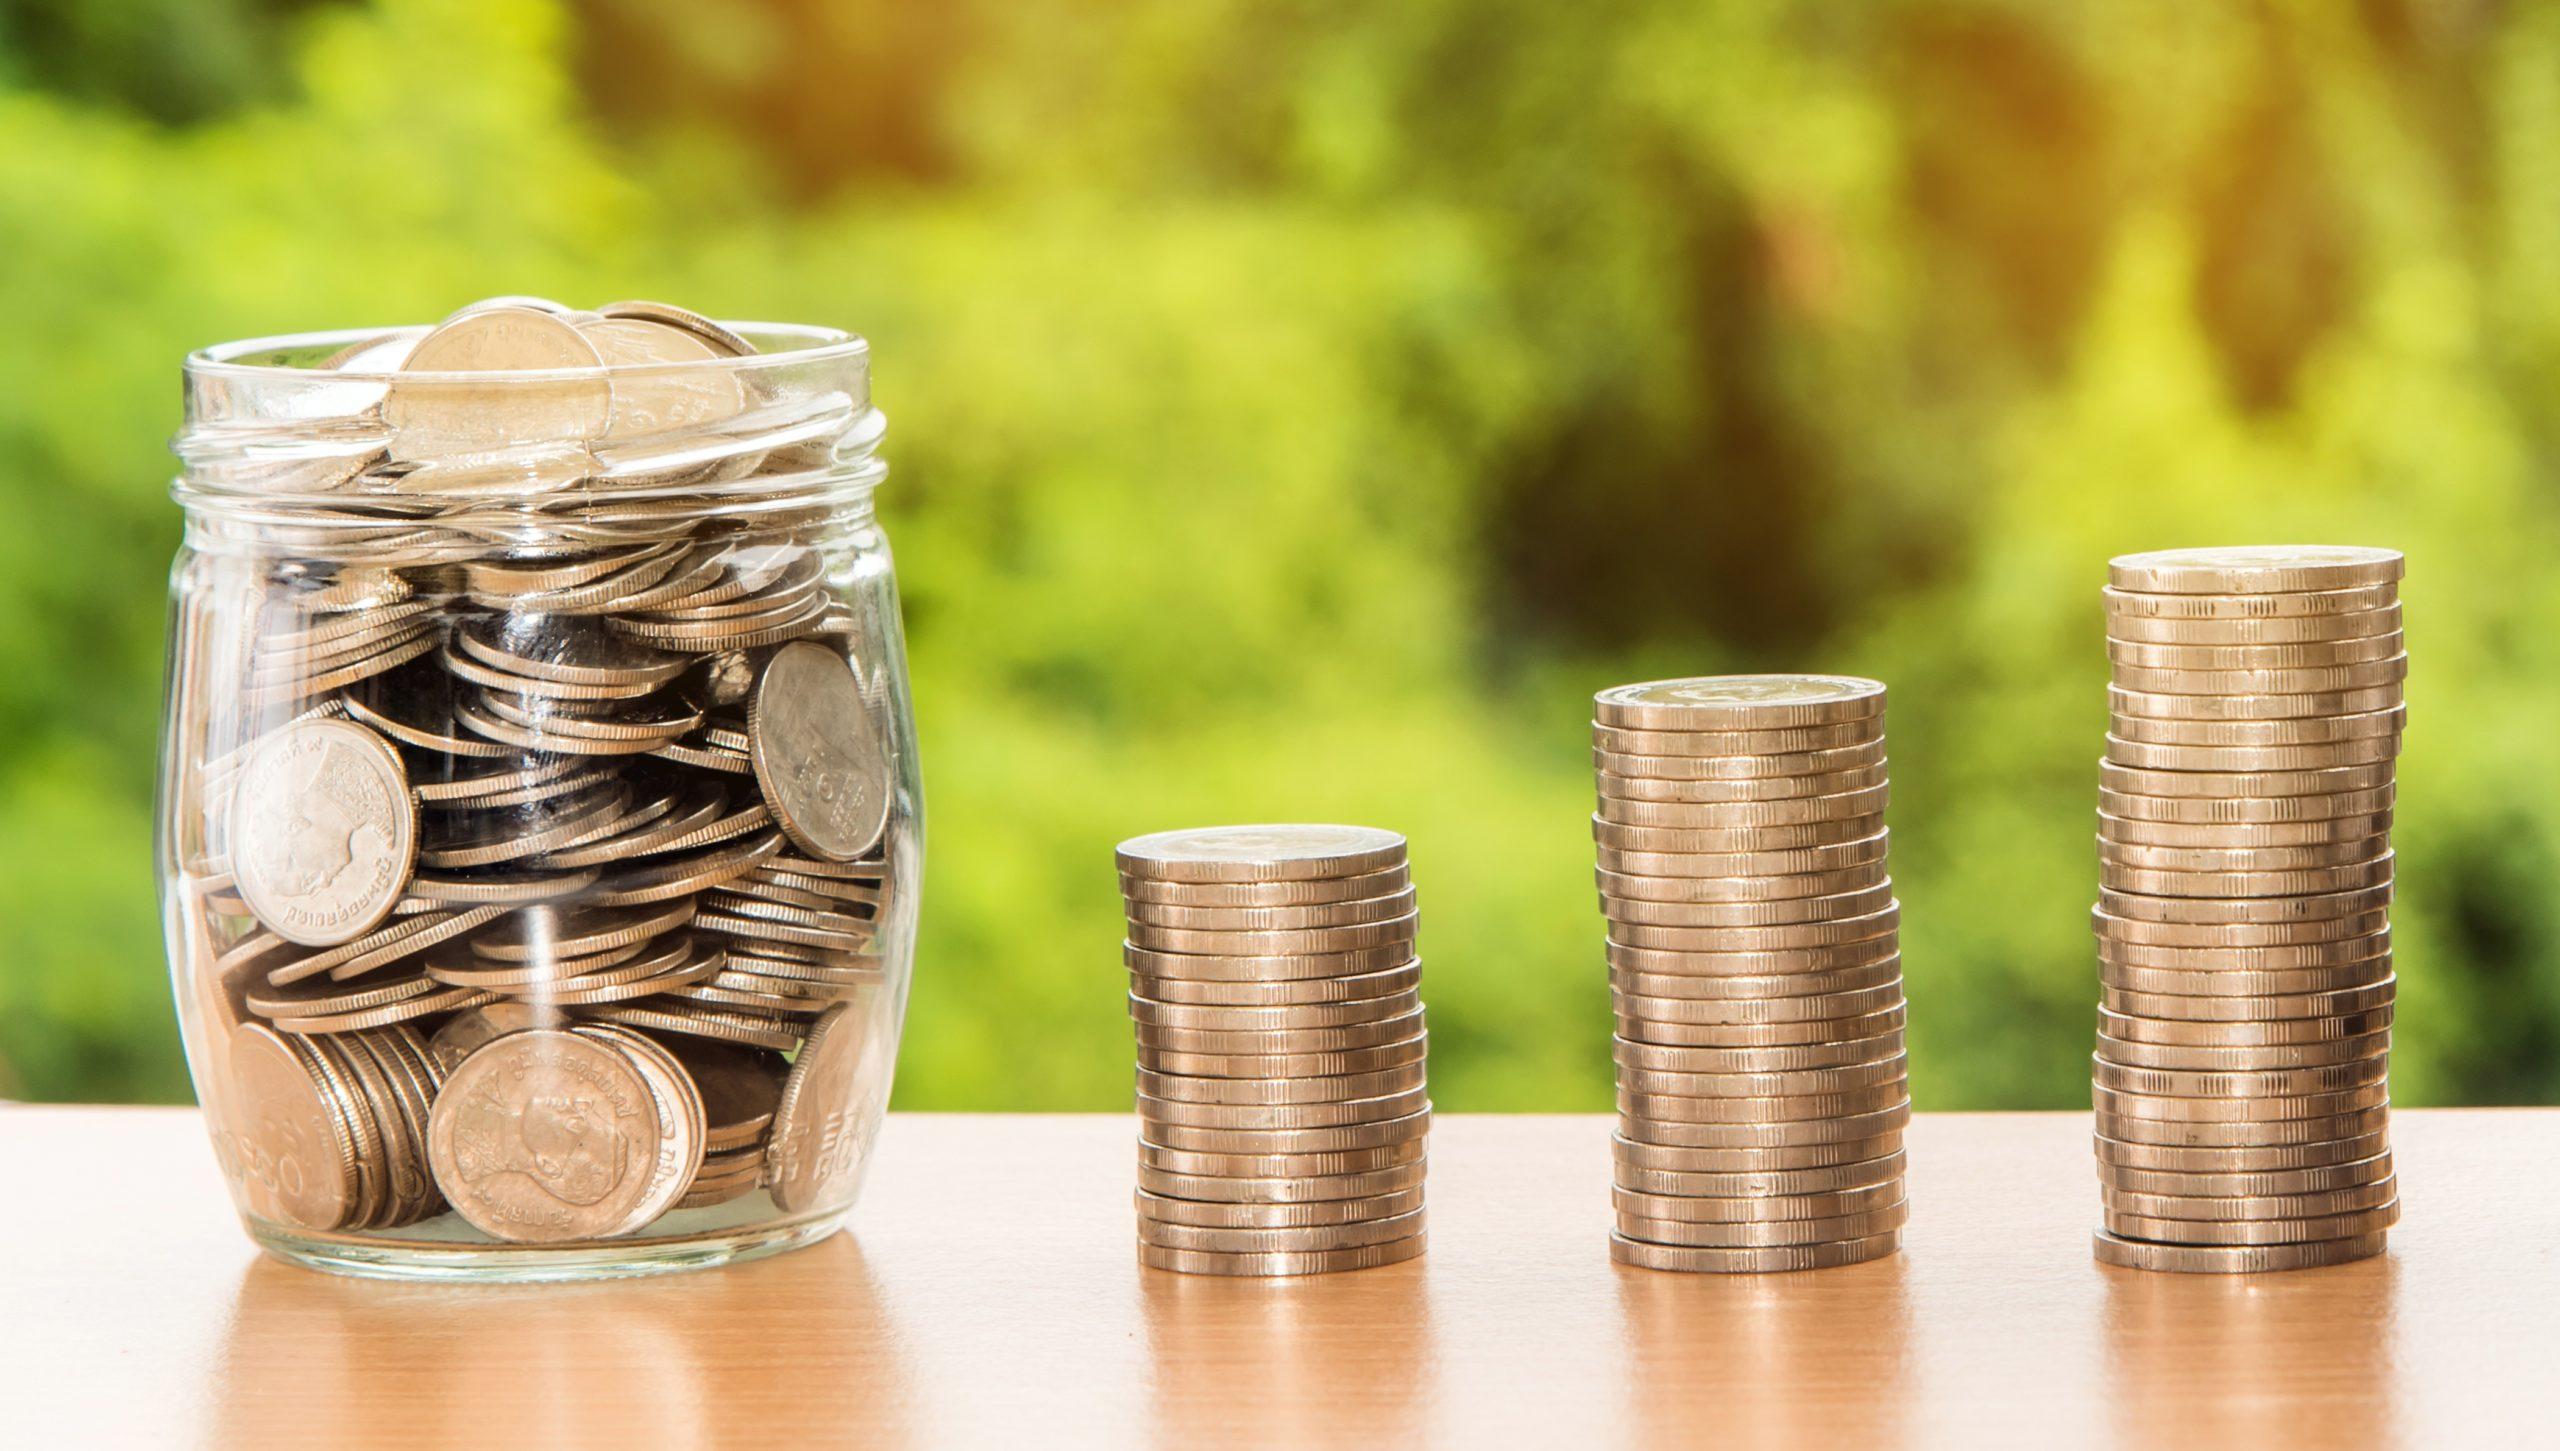 35 Legit Ways to Get Free Money with Little to No Effort